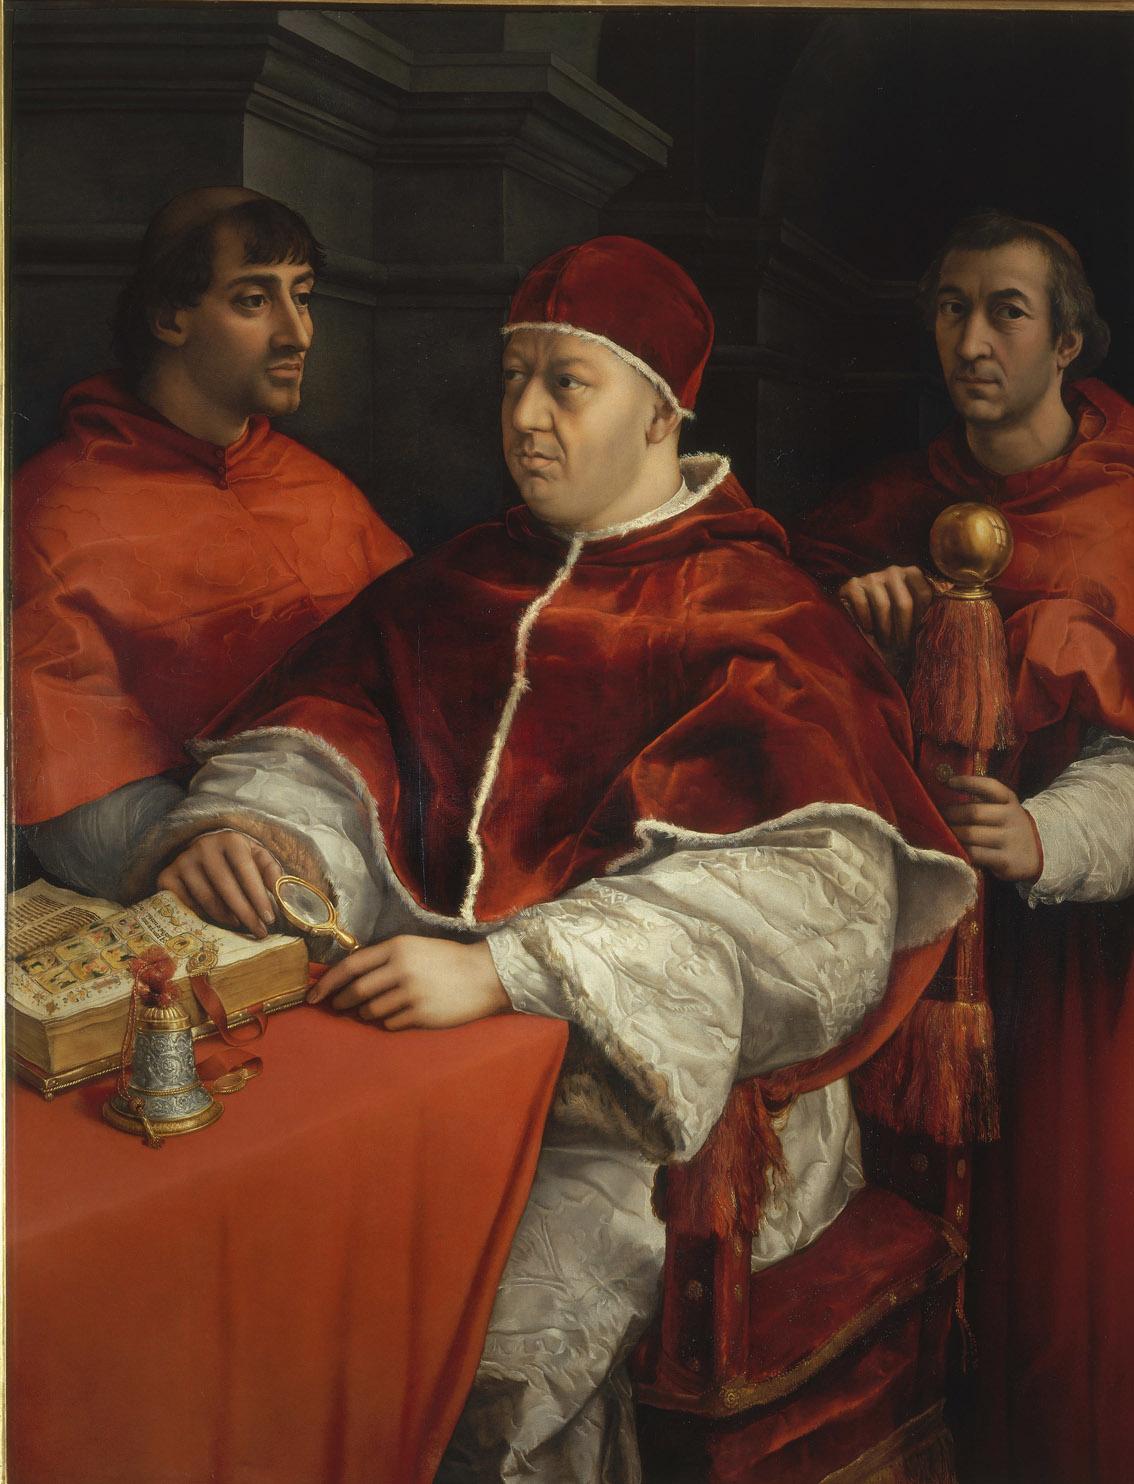 Retrato de León X con el cardenal Luis de Rossi y Juio de Medici, de Rafael Sanzio, 1517-18, óleo sobre lienzo, Florencia, Galería de los Uffizi.